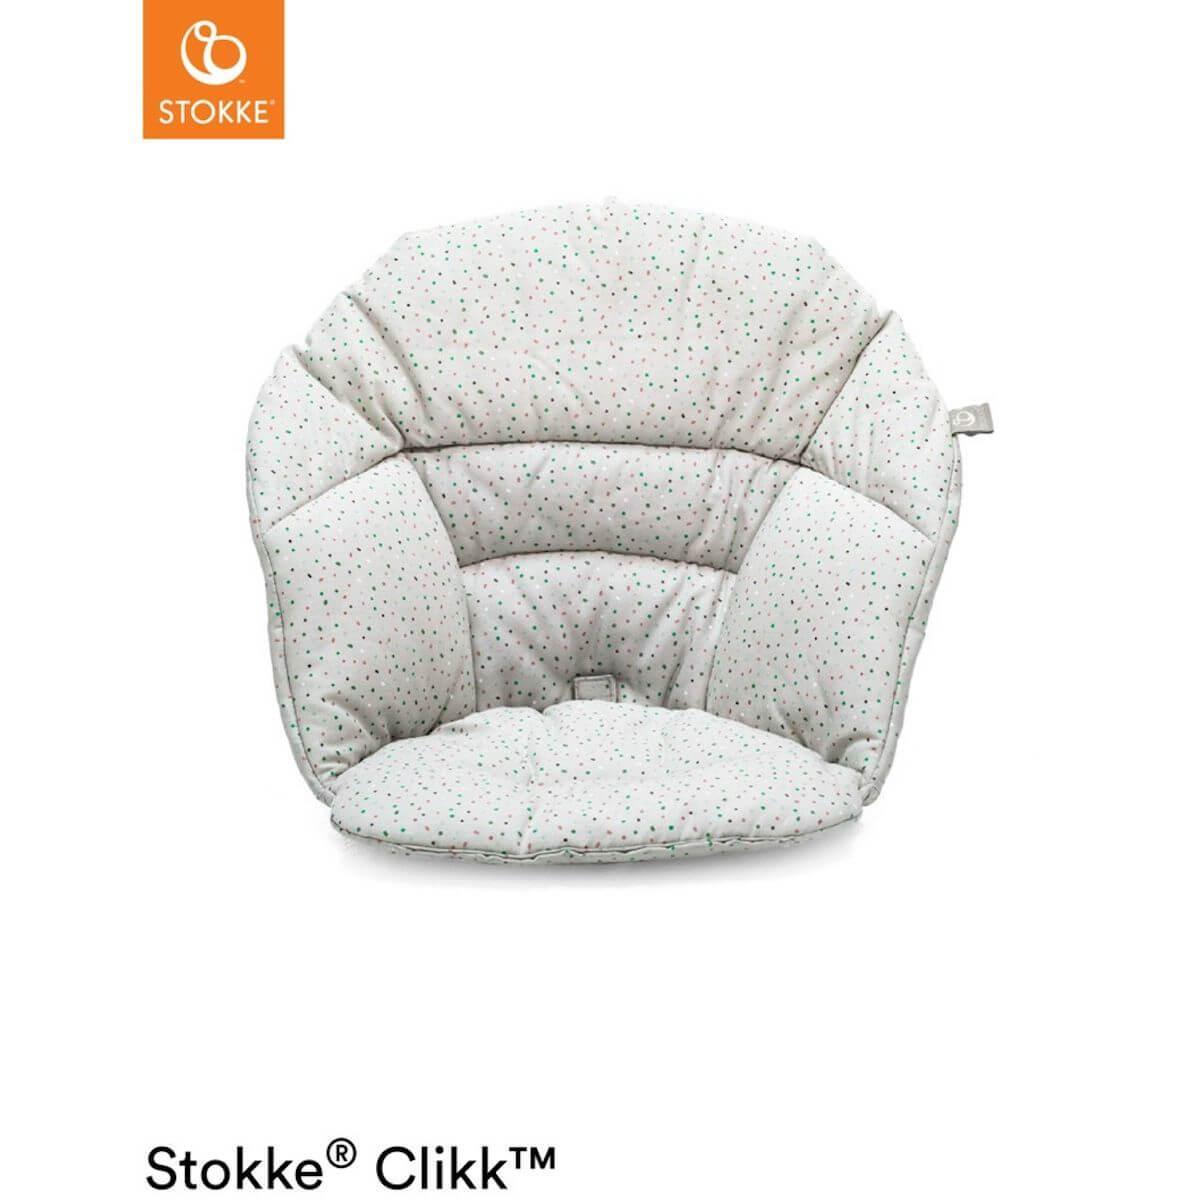 Coussin chaise haute CLIKK™ Stokke gris saupoudrés